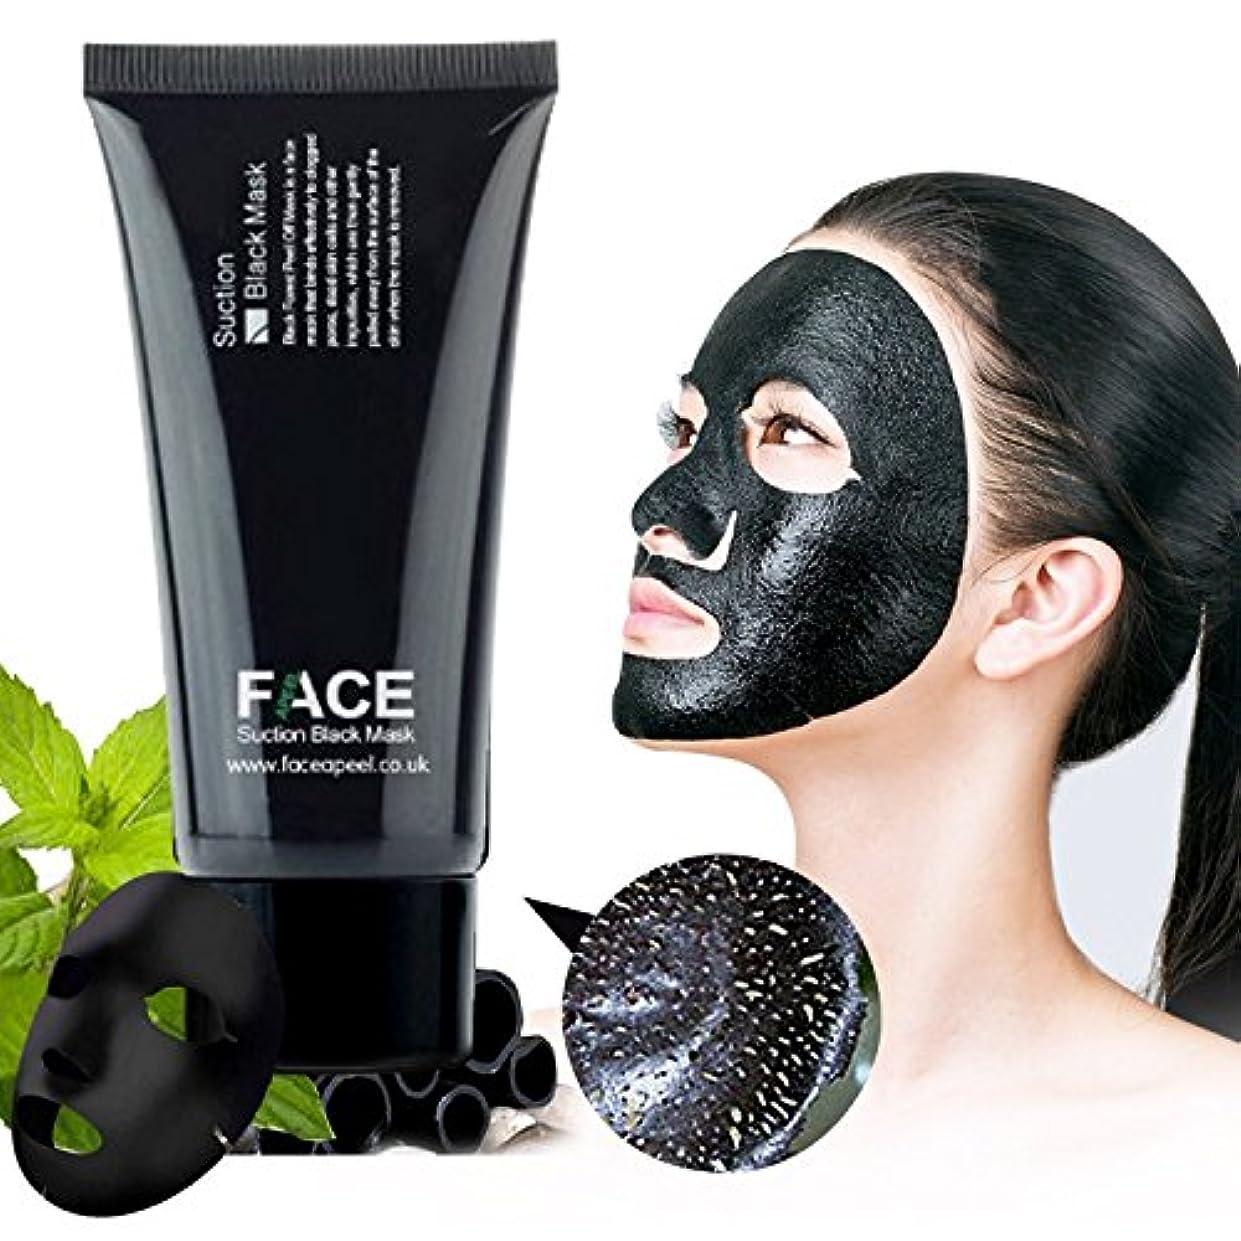 デマンド前投薬保護FaceApeel Blackheadリムーバーマスク[Blackheadsを取り除く] - プレミアム品質Black Pore Removalは、Face For Faceマスクを剥がす